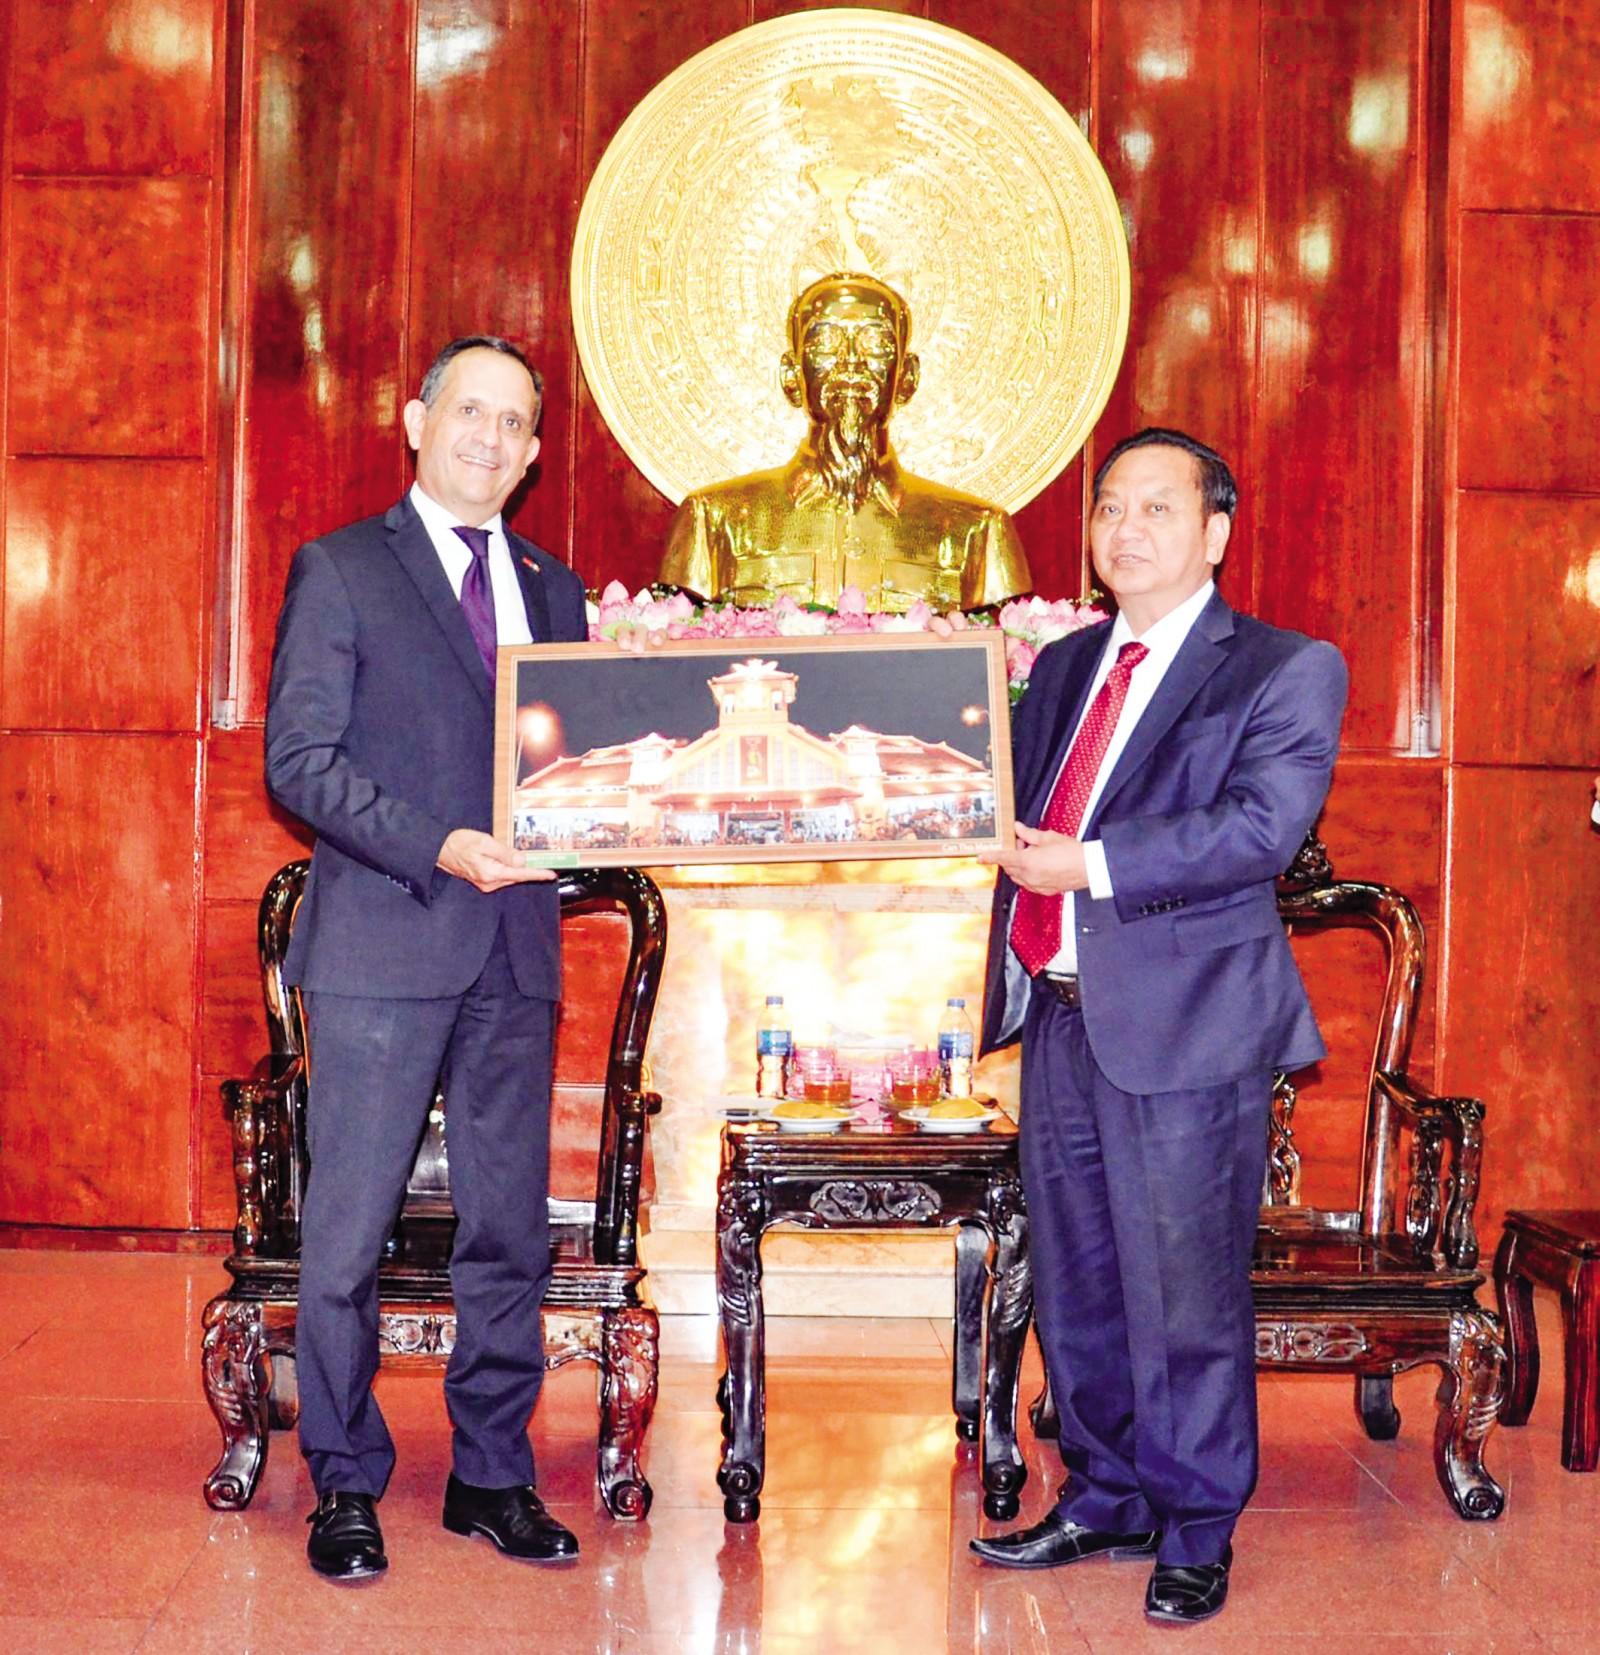 Đồng chí Trần Quốc Trung, Bí thư Thành ủy tặng quà ông Vincent Floreani, Tổng lãnh sự Cộng hòa Pháp tại TP Hồ Chí Minh. Ảnh: ANH DŨNG